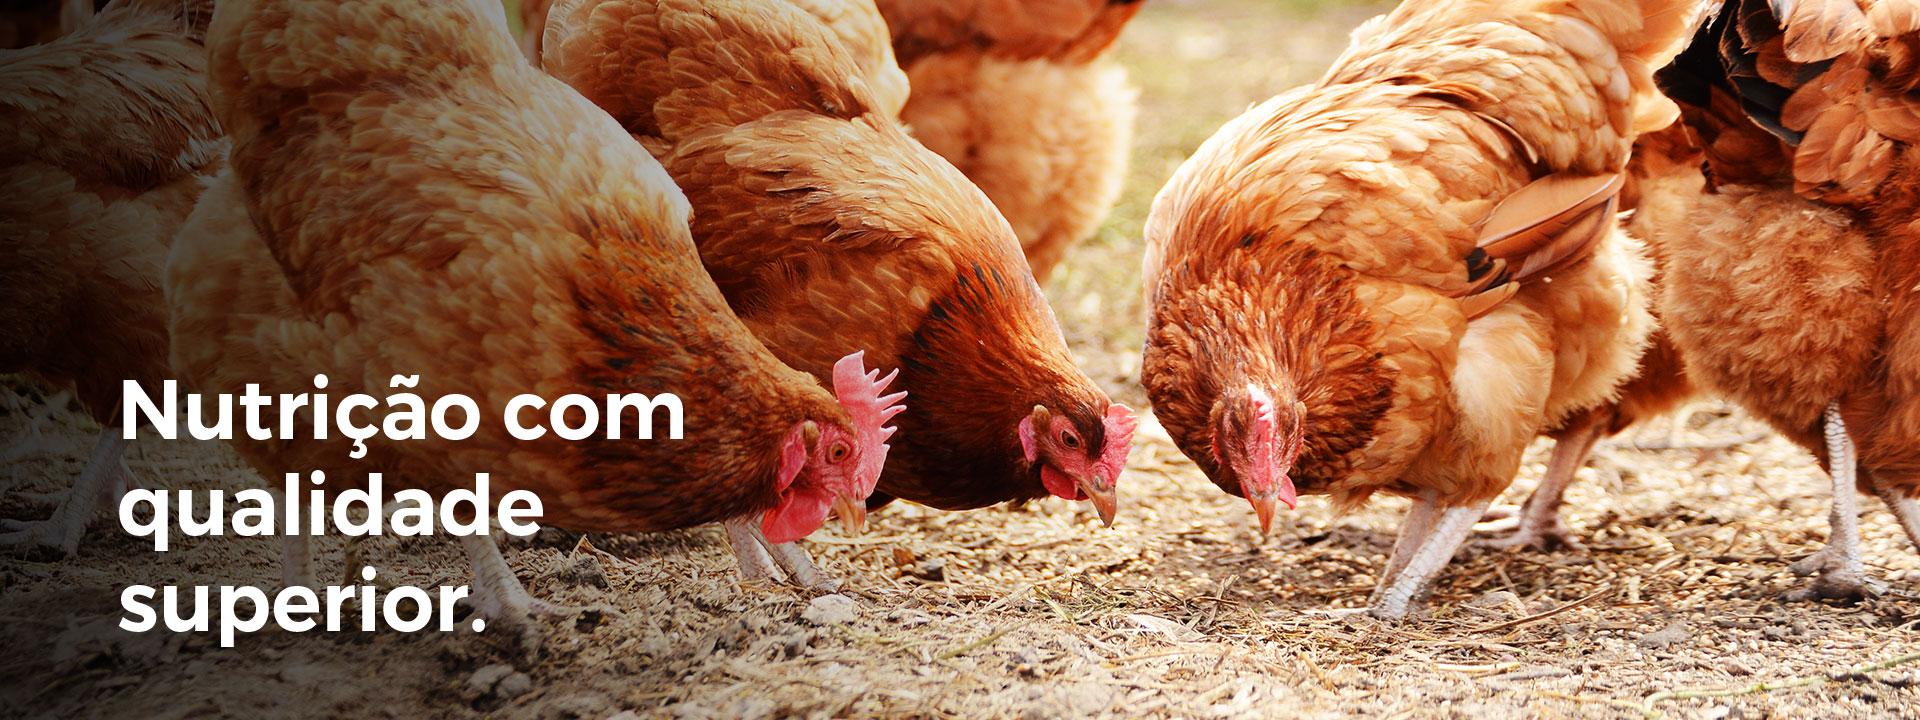 Nutrição aves